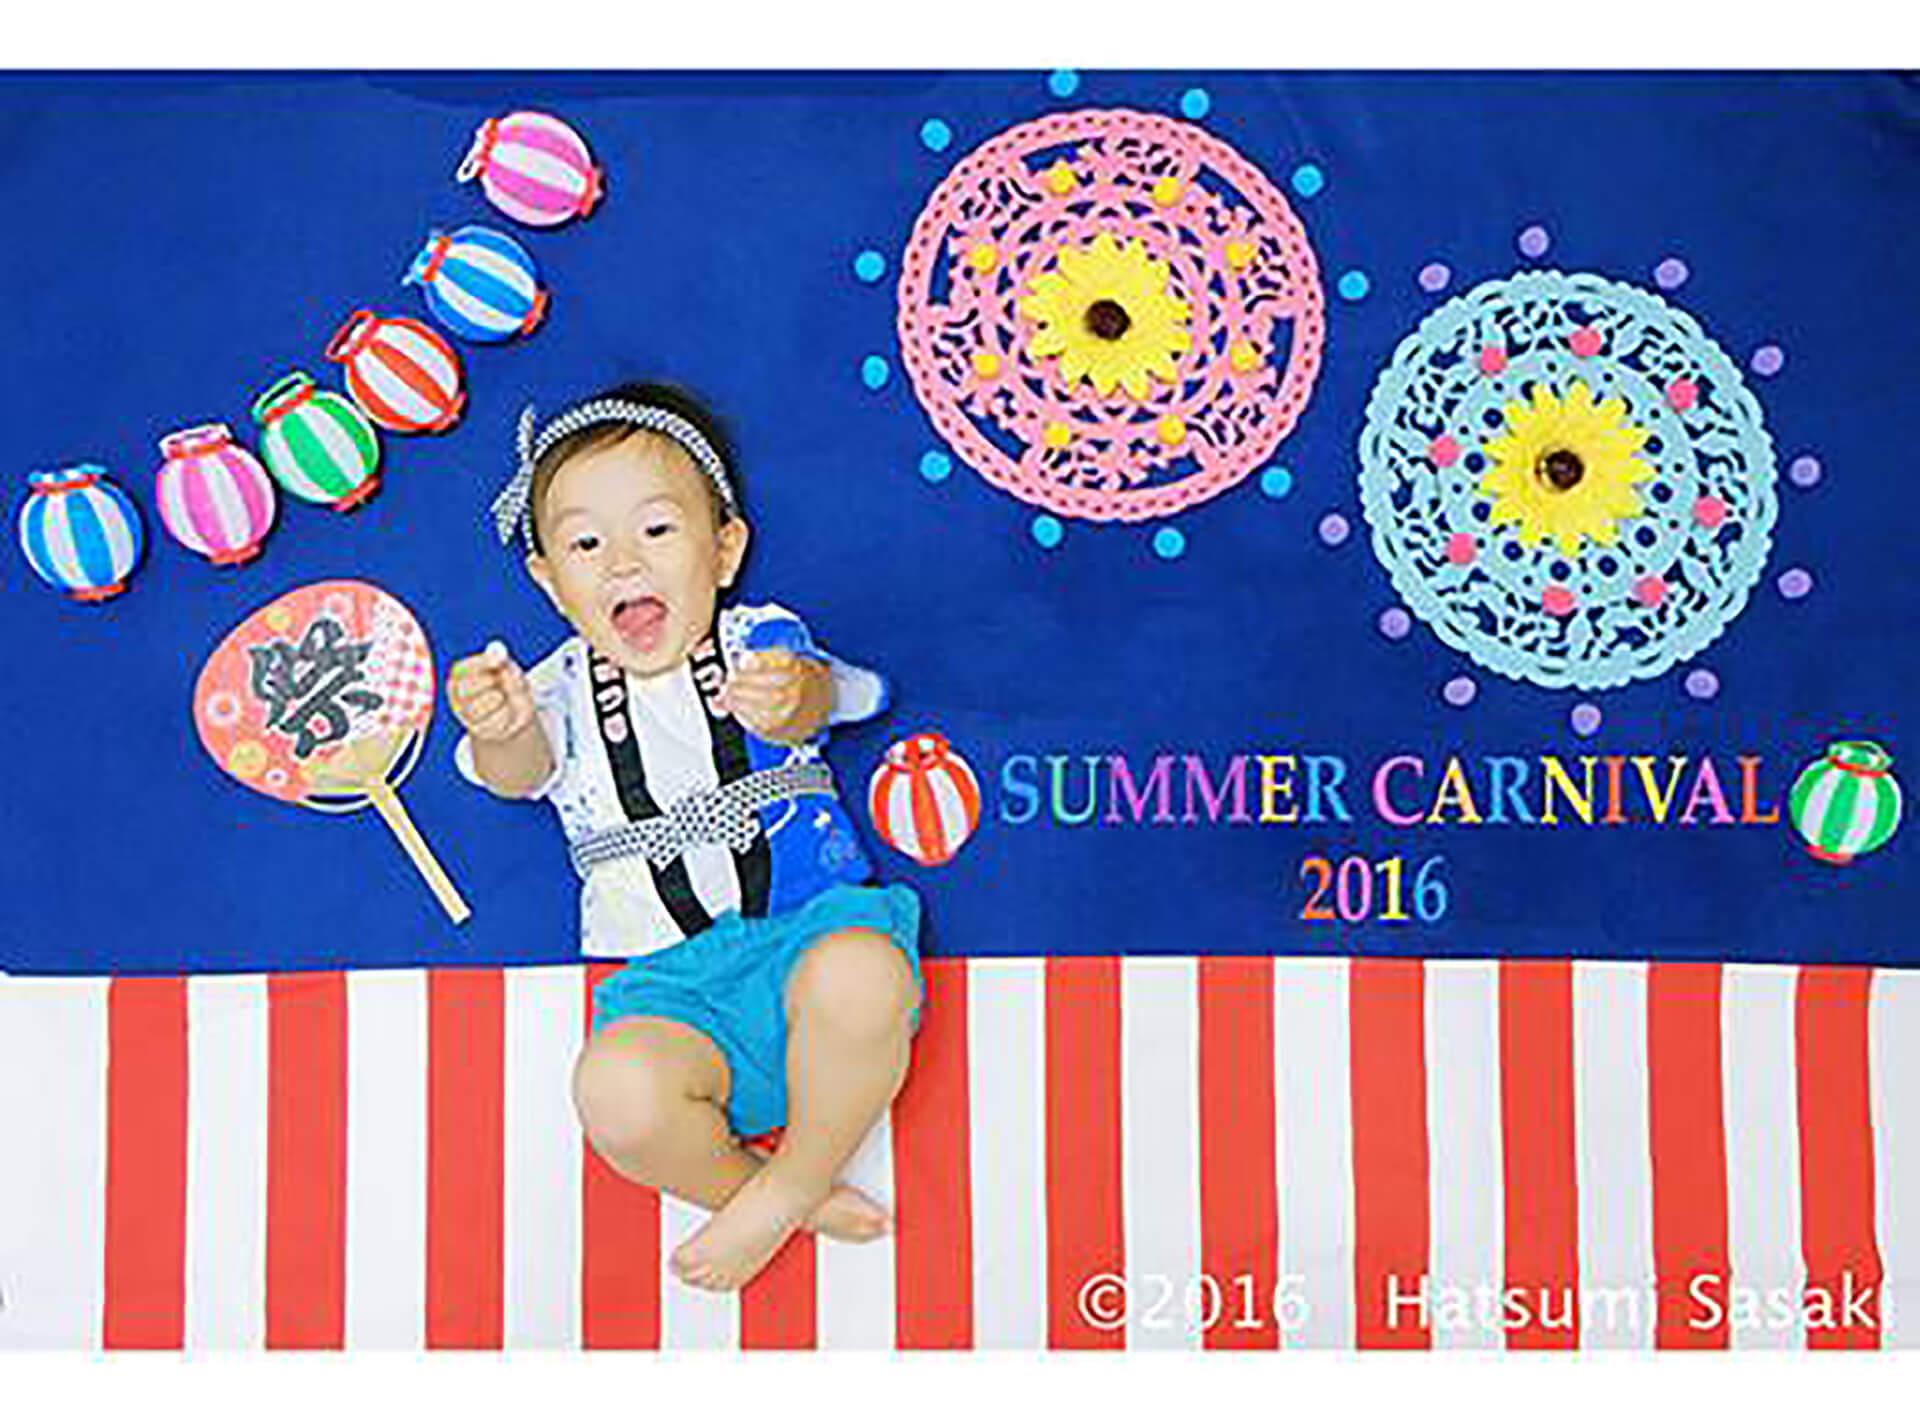 この写真はアトレ新浦安店「サマーカーニバル」のおひるねアートのイメージです